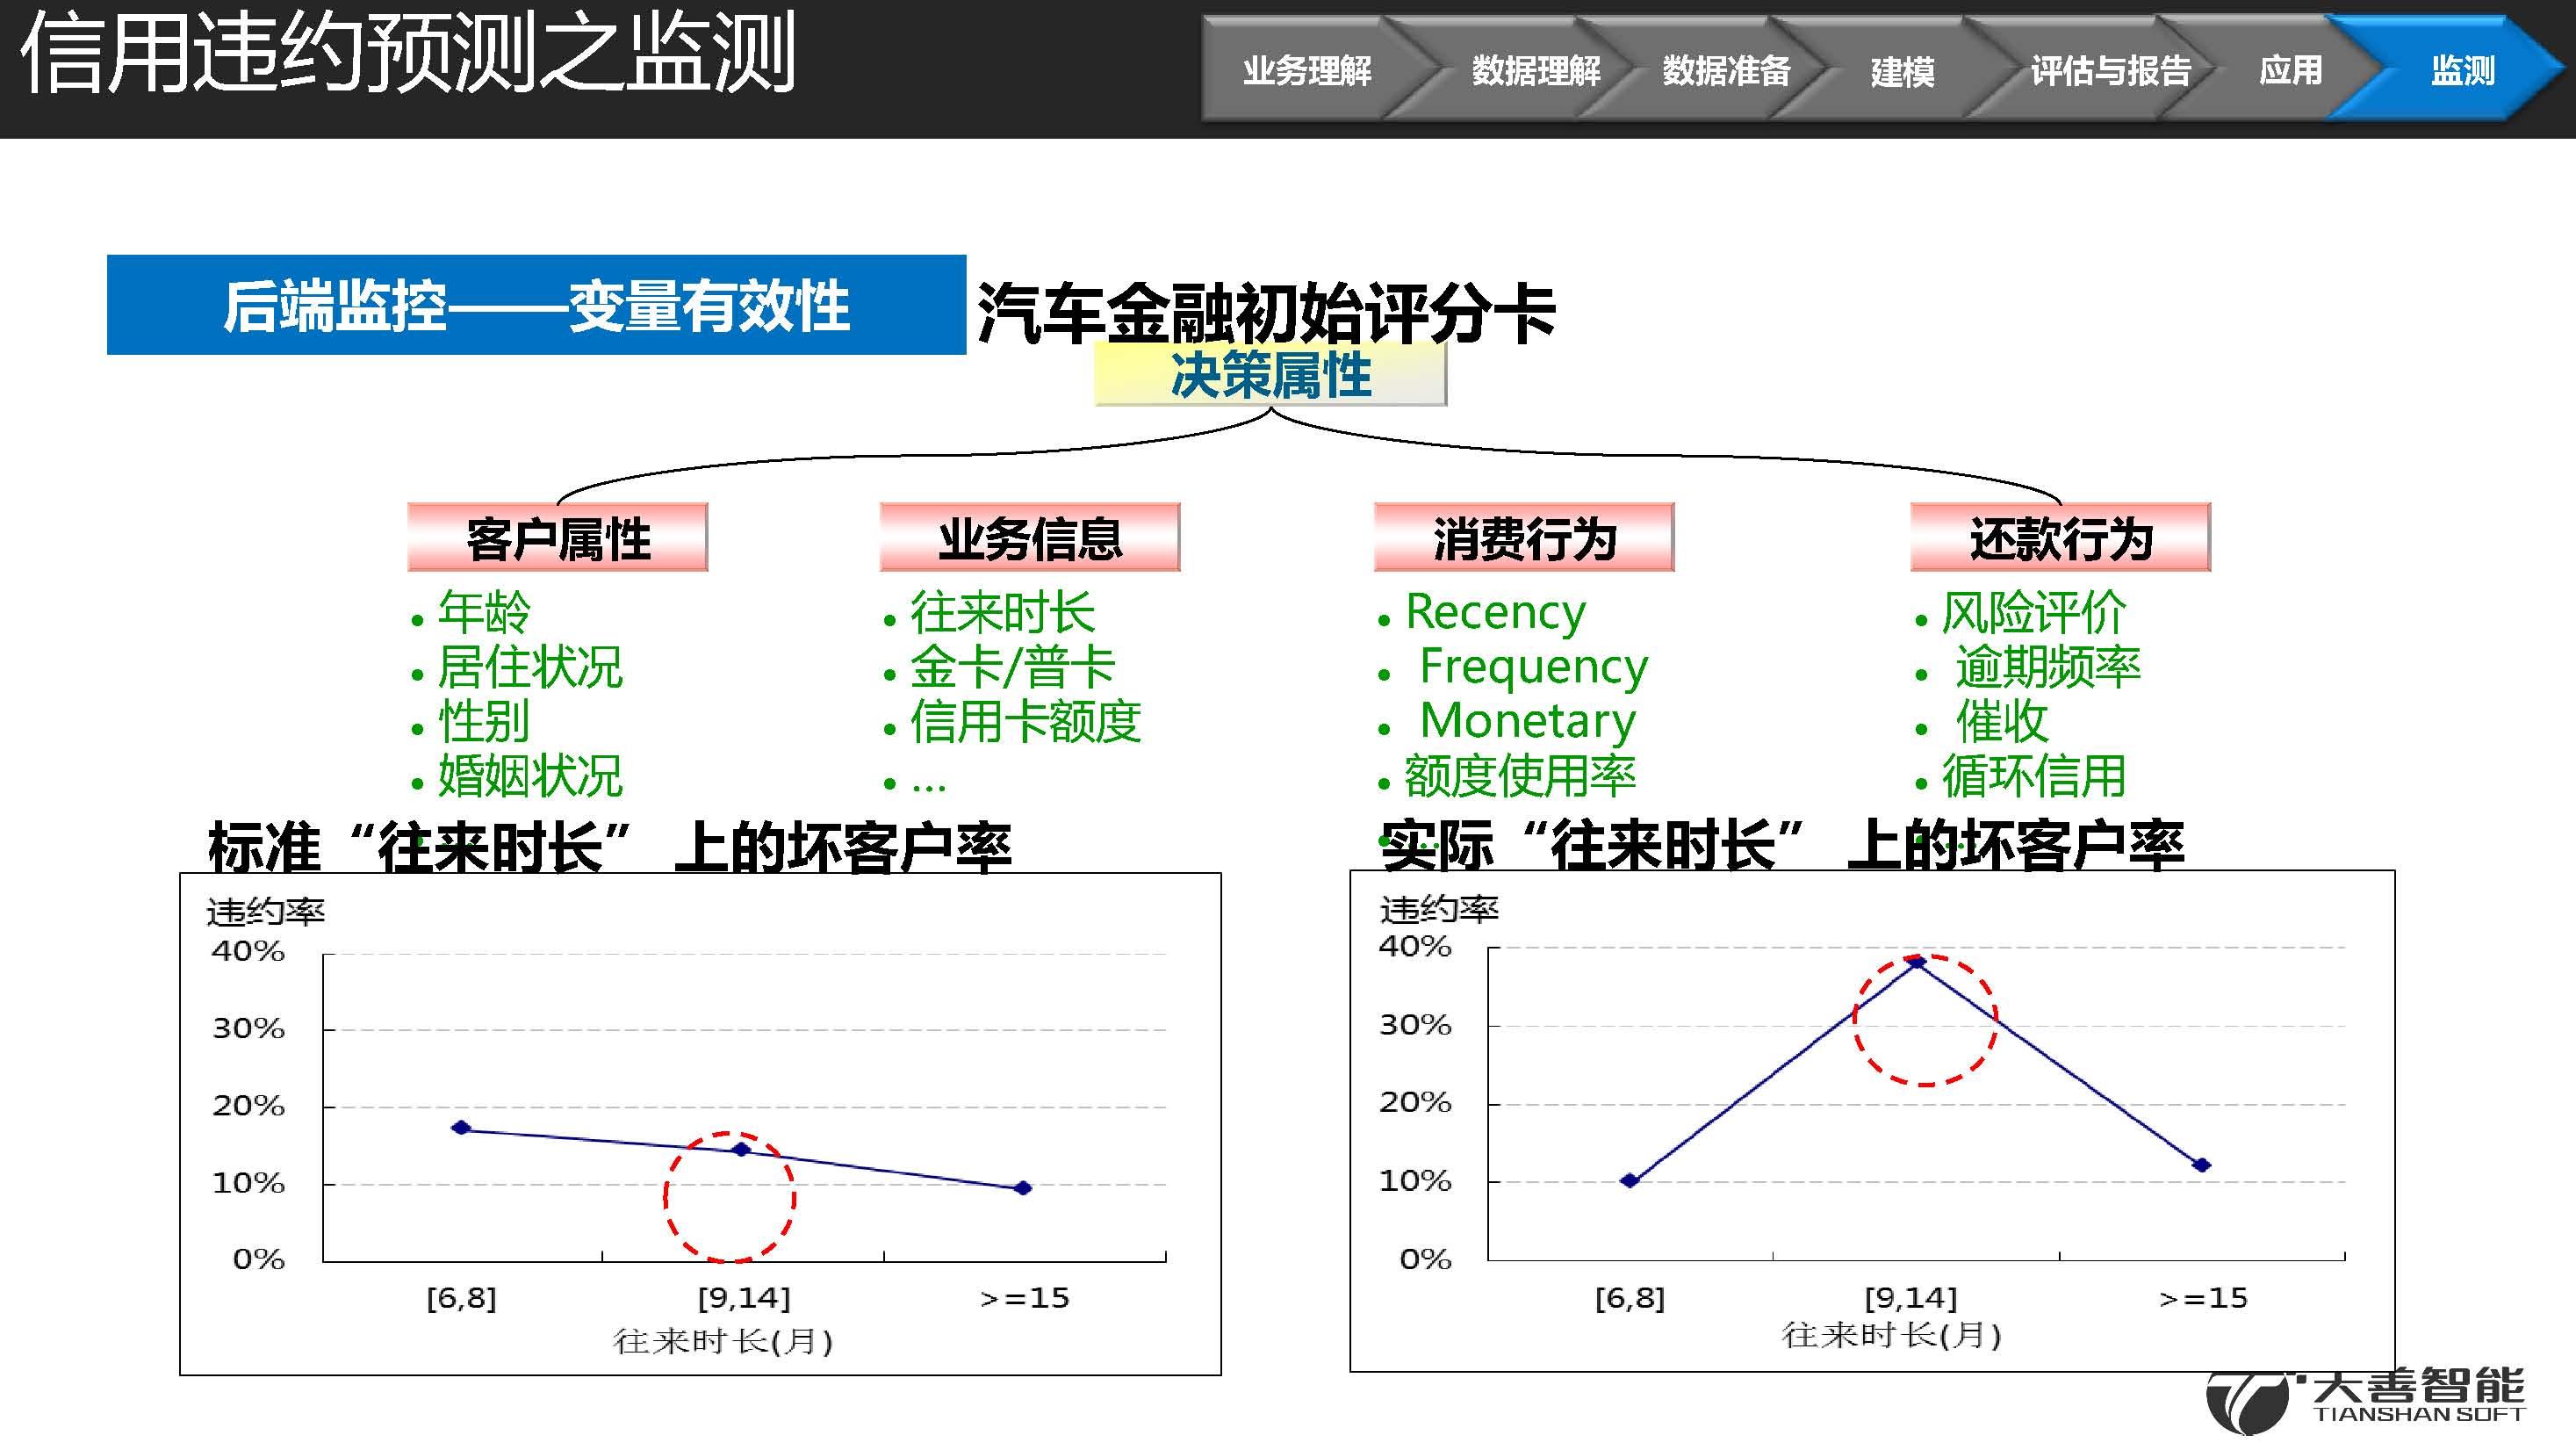 2汽车金融信用违约预测模型案例_页面_45.jpg